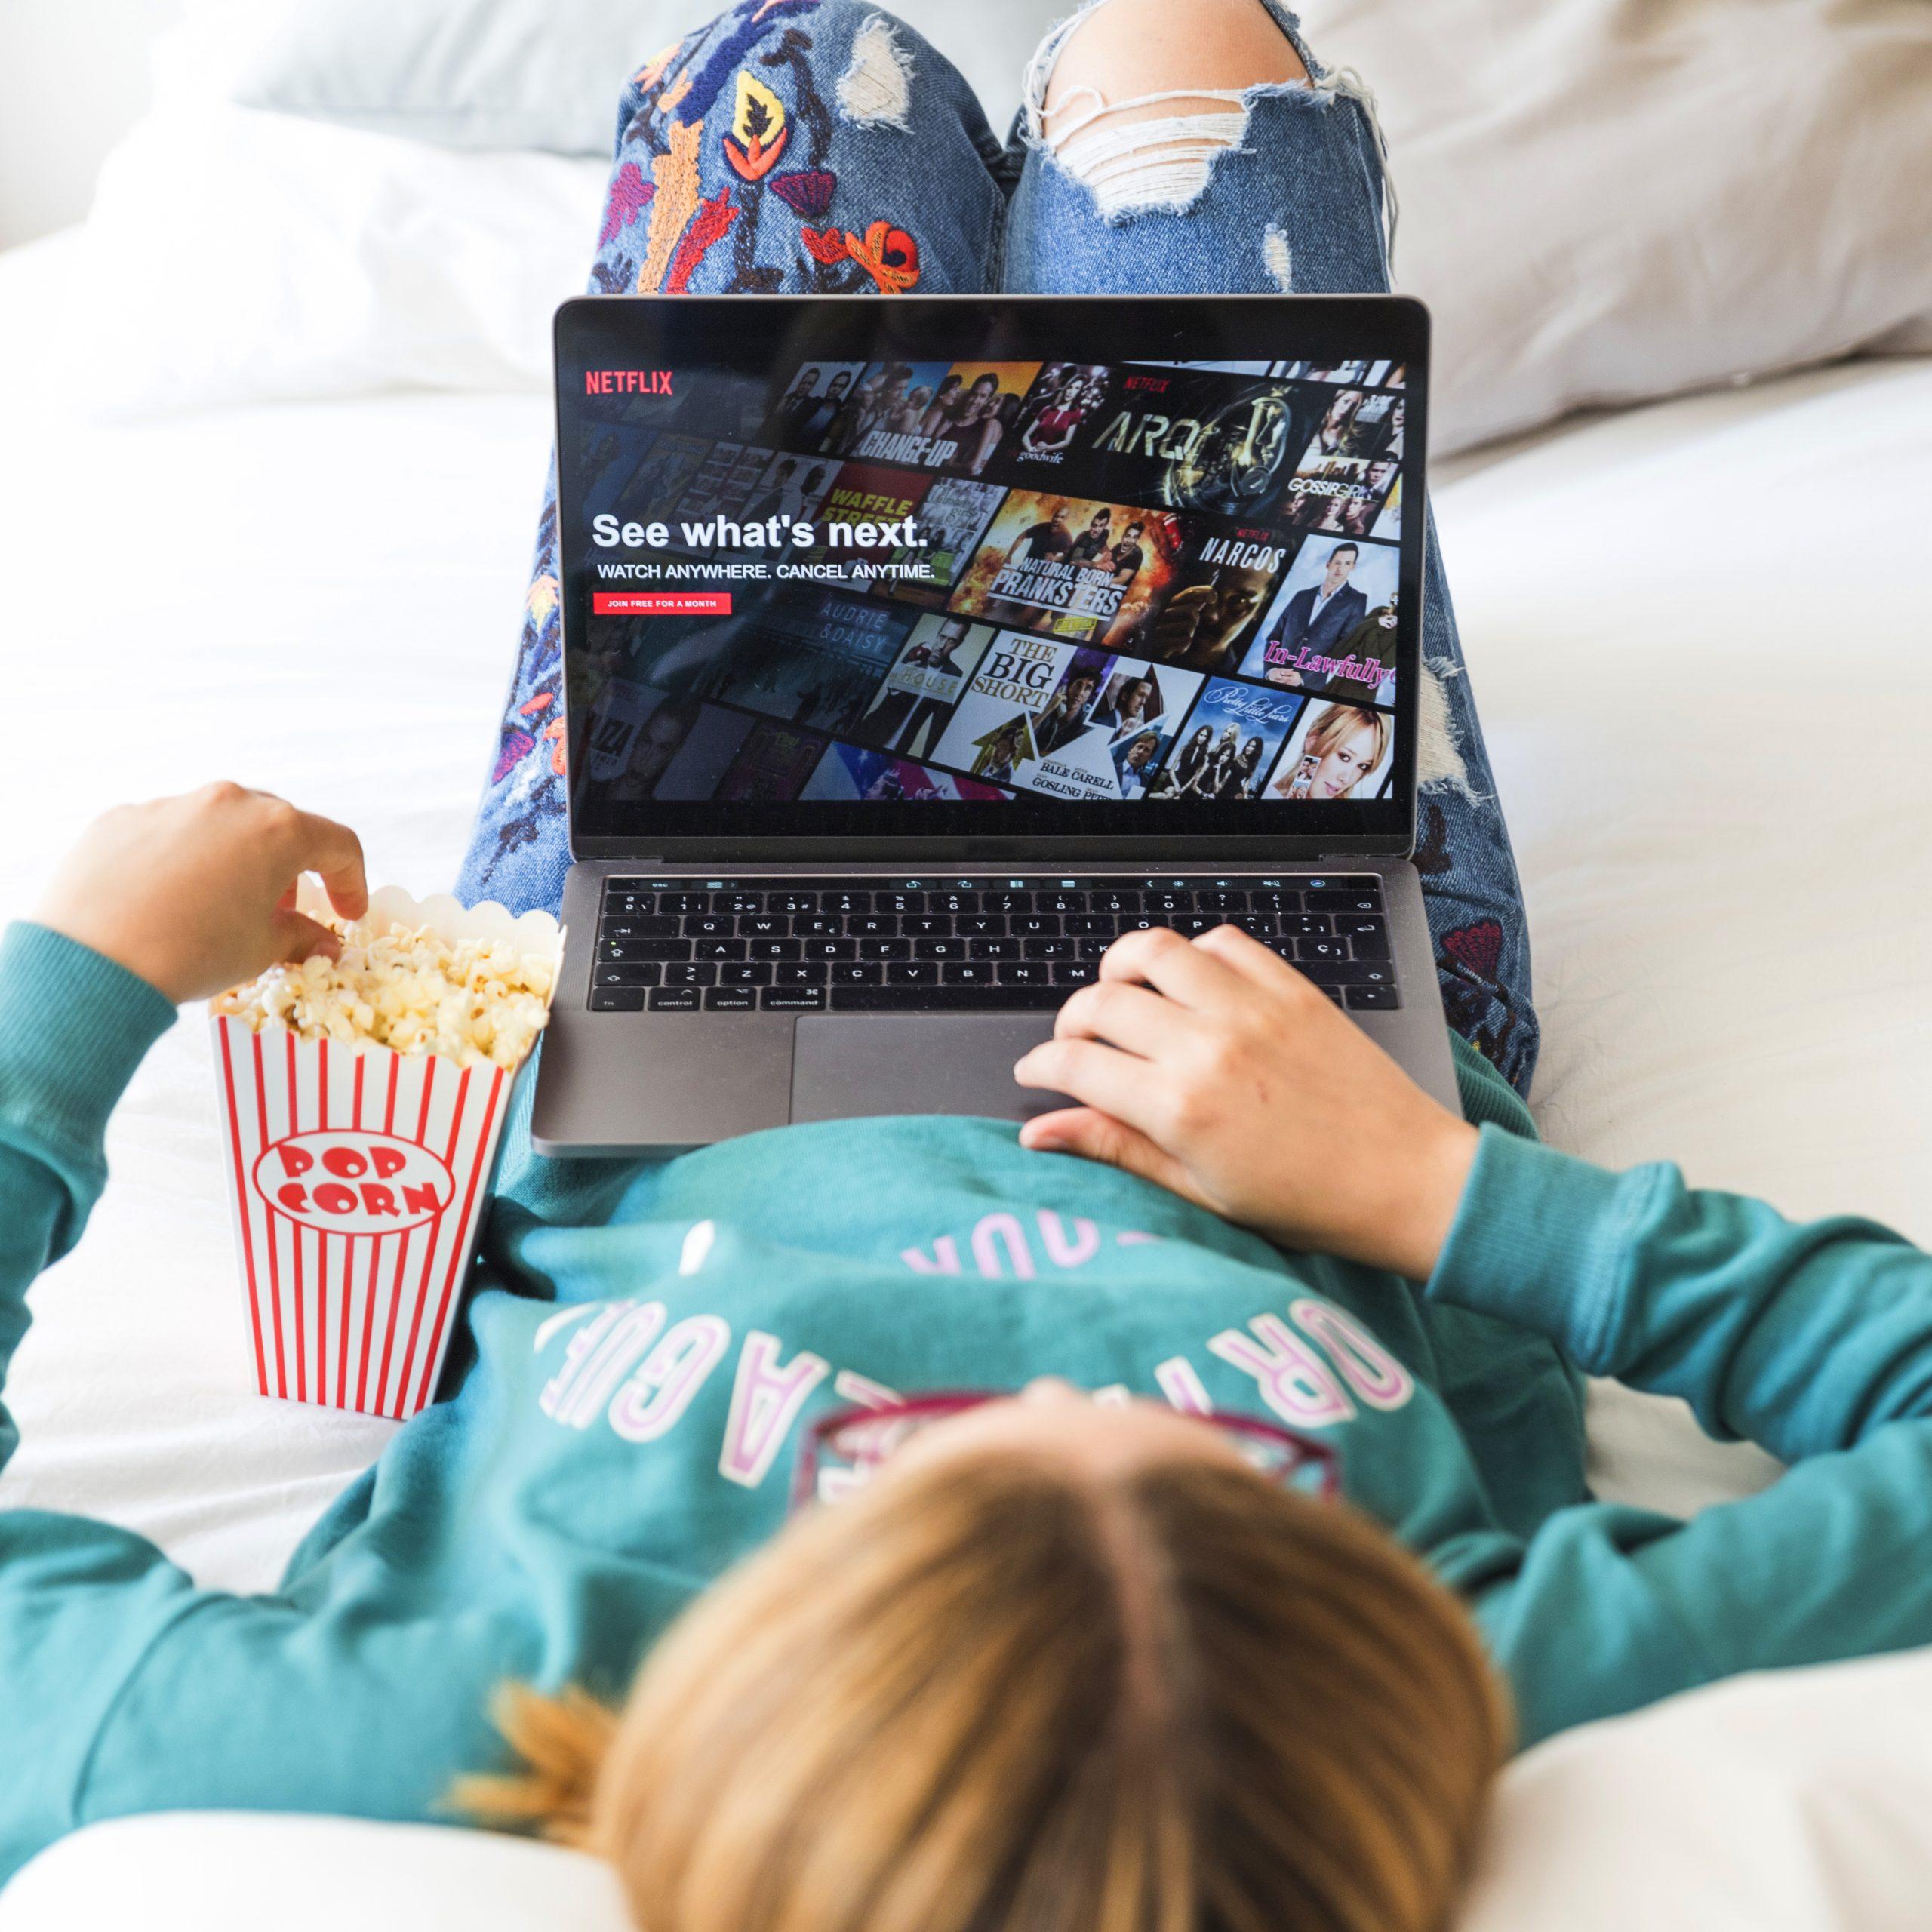 Využite čas a relaxujte pri dobrom seriály alebo filme. Zdroj: https://www.freepik.com